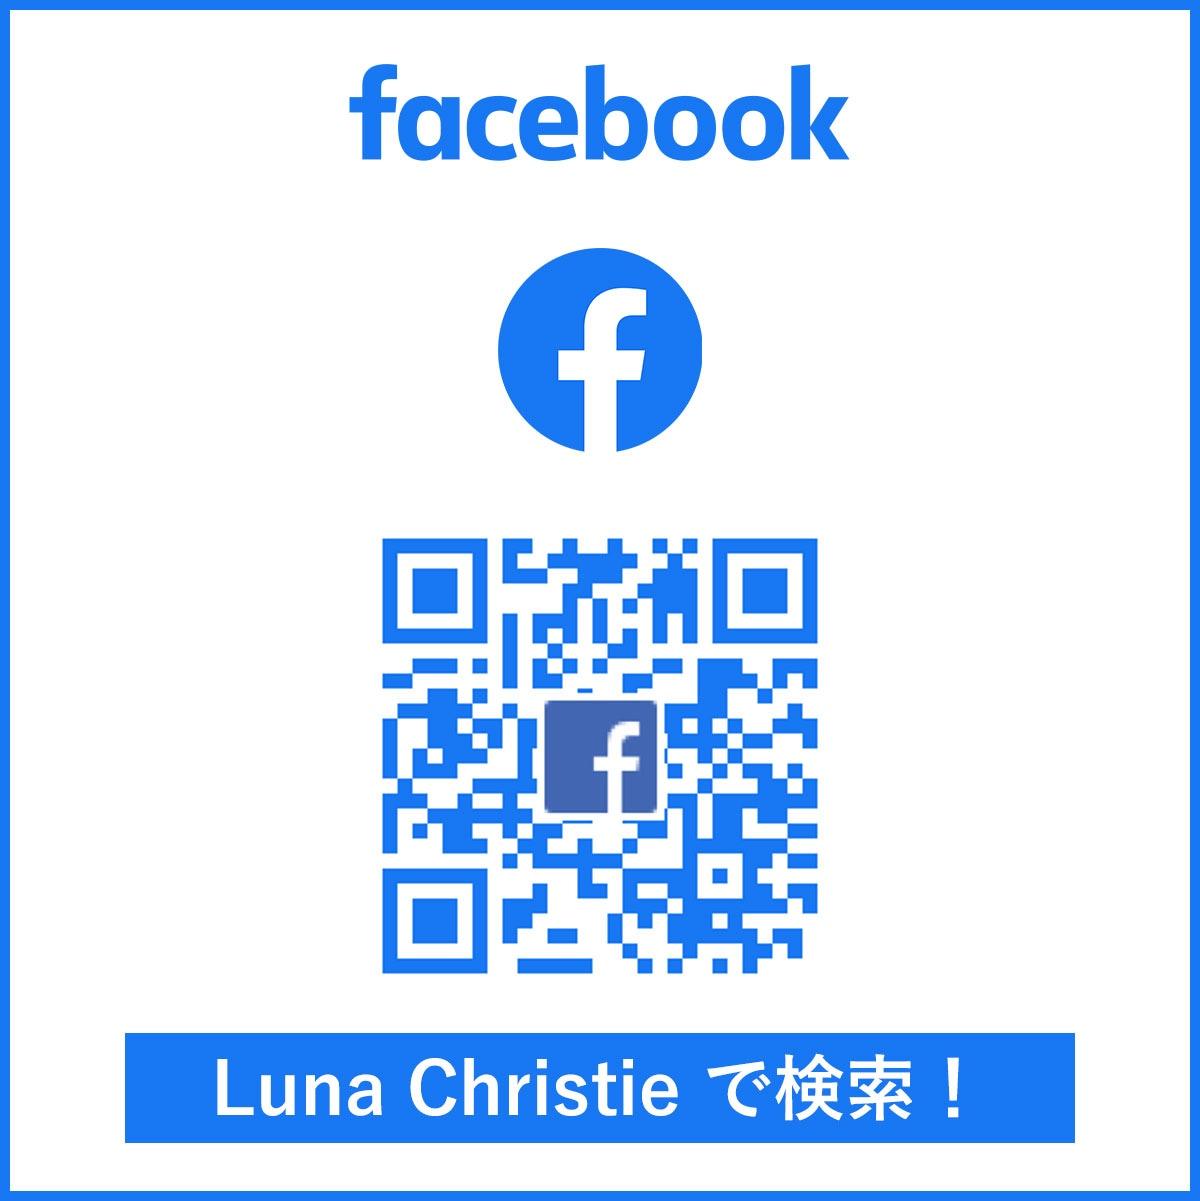 pc_ルナクリスティー×Facebook